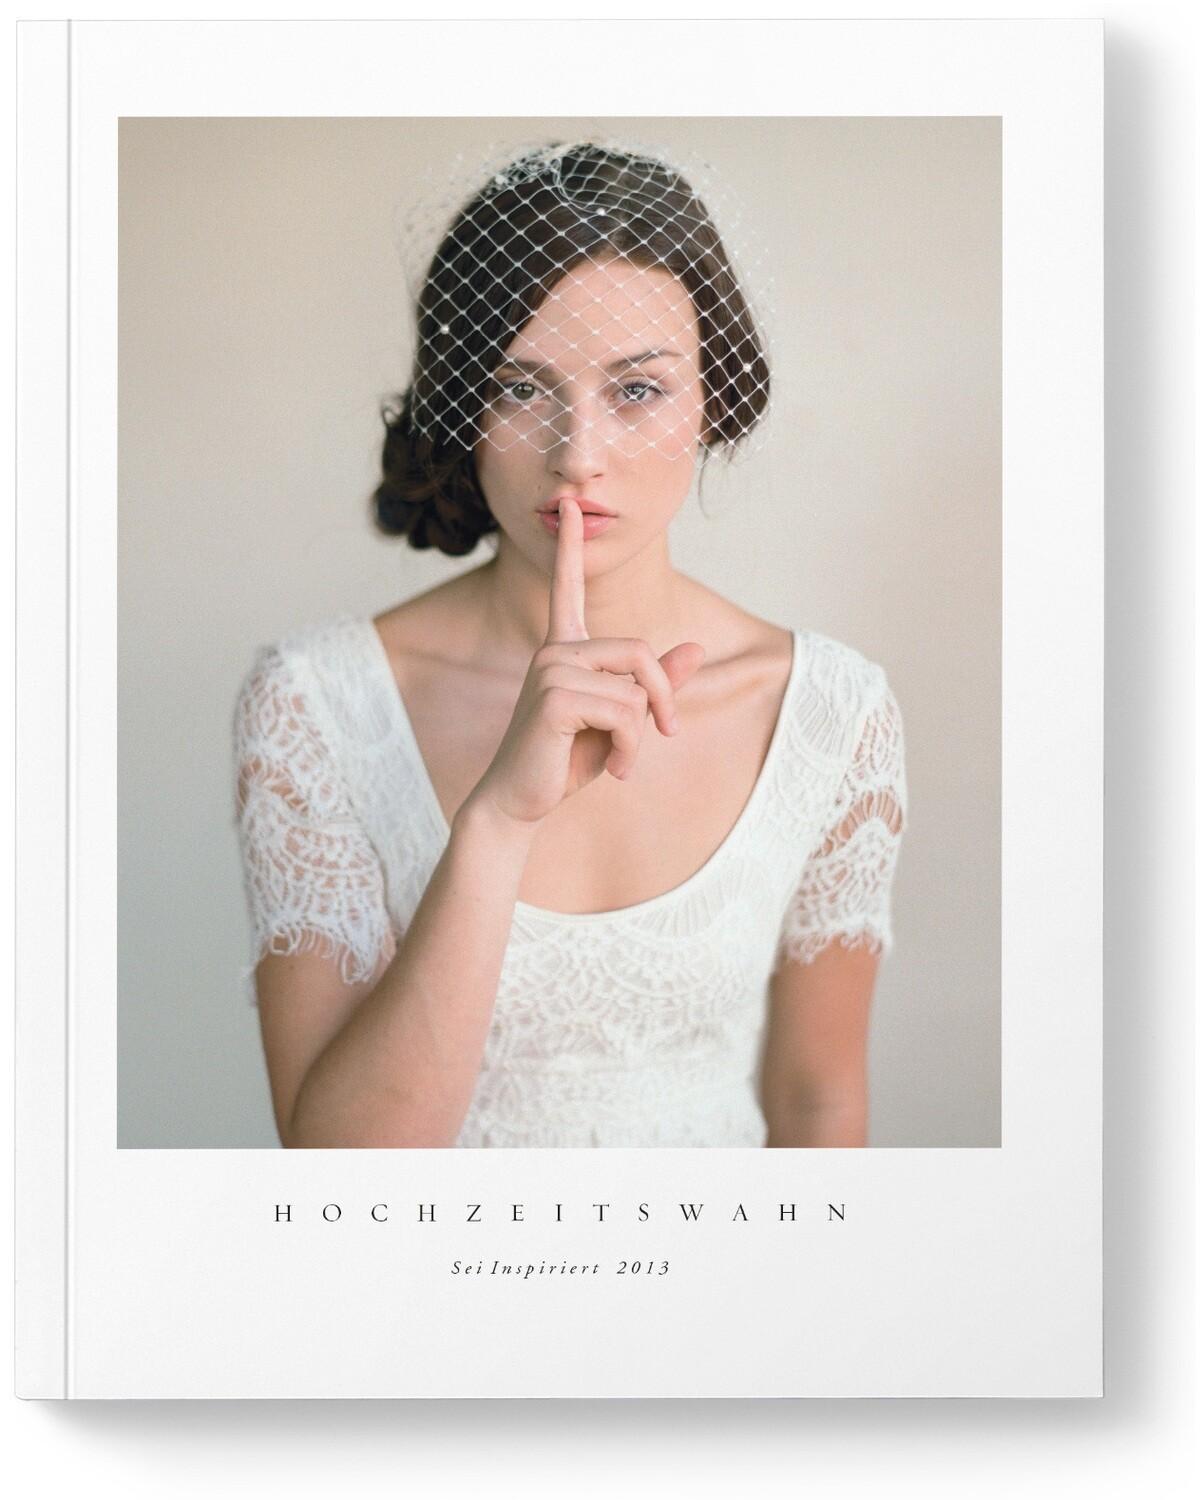 Hochzeitswahn - Sei inspiriert 2013